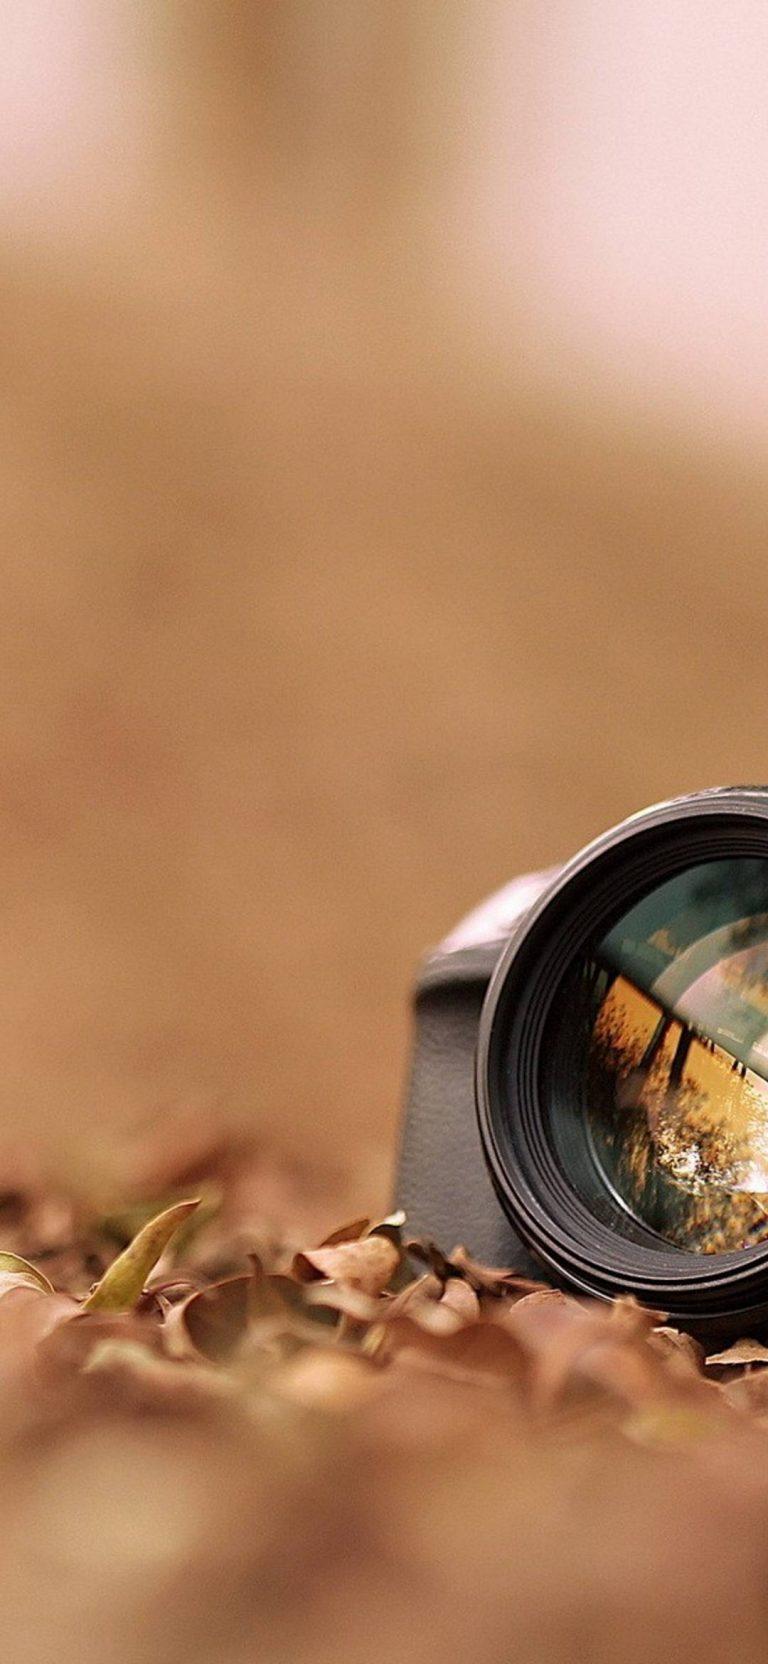 Canon HD Photos Wallpaper 1080x2340 768x1664